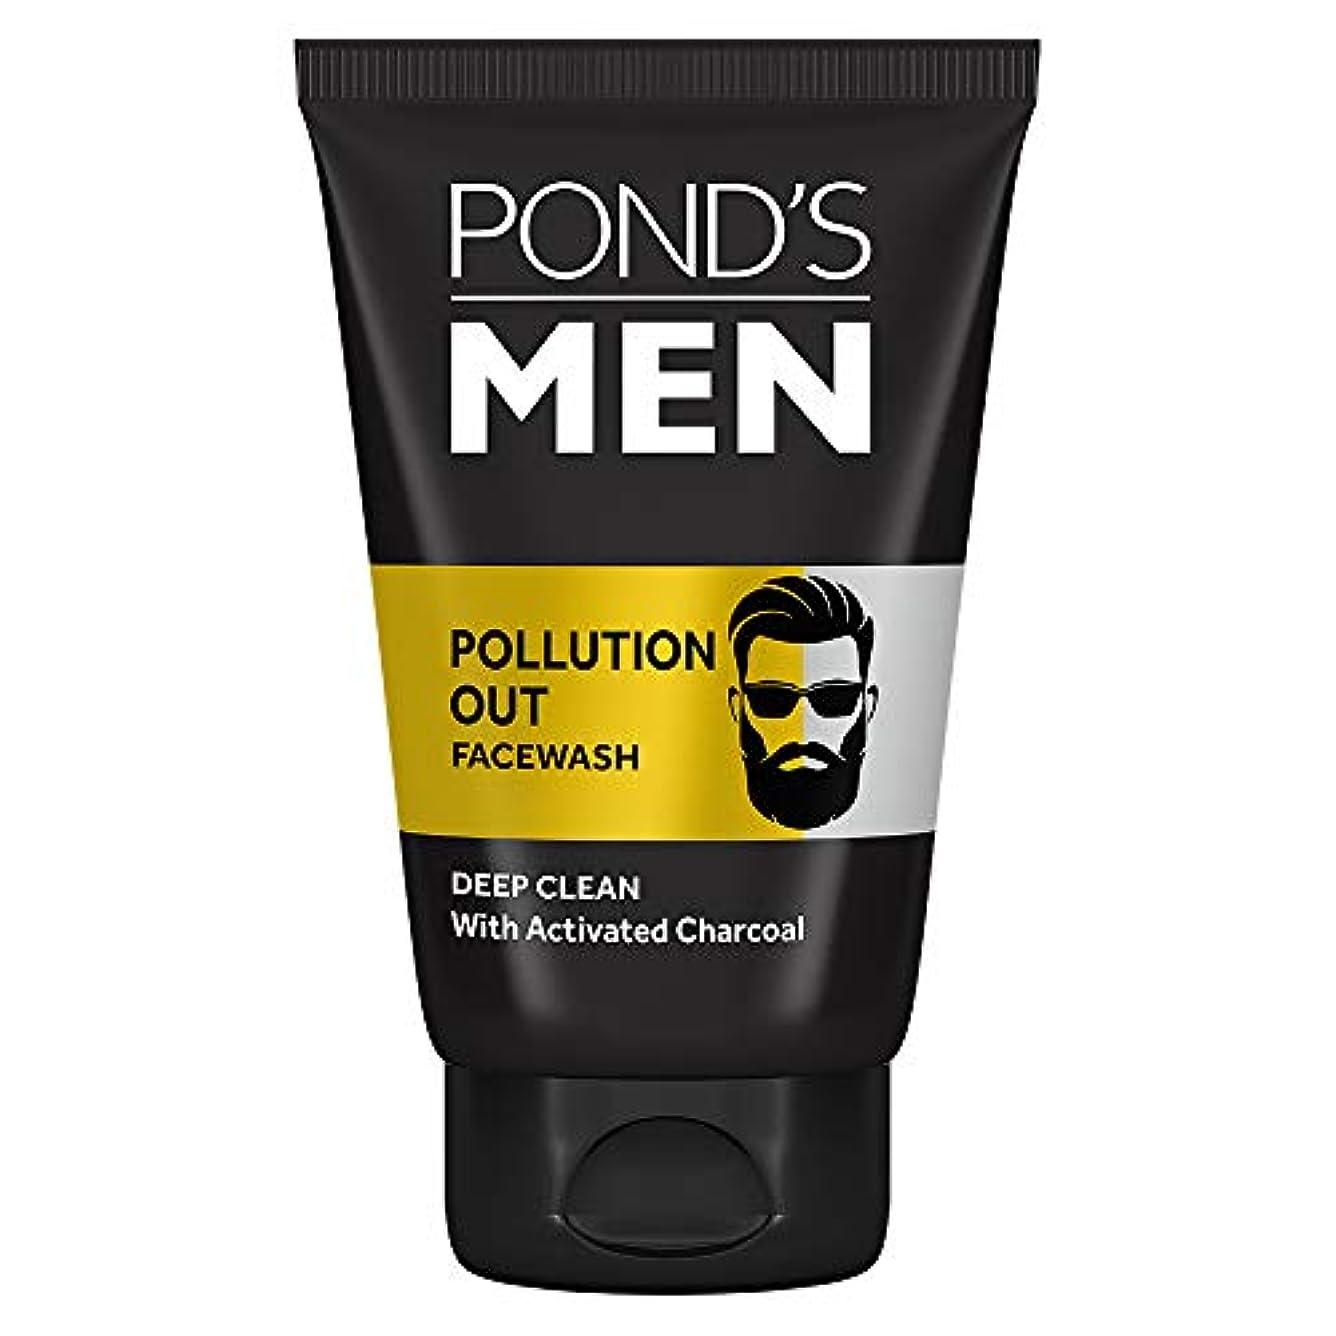 計り知れないフィッティング歩道Pond's Men Pollution Out Activated Charcoal Deep Clean Facewash, 50 g